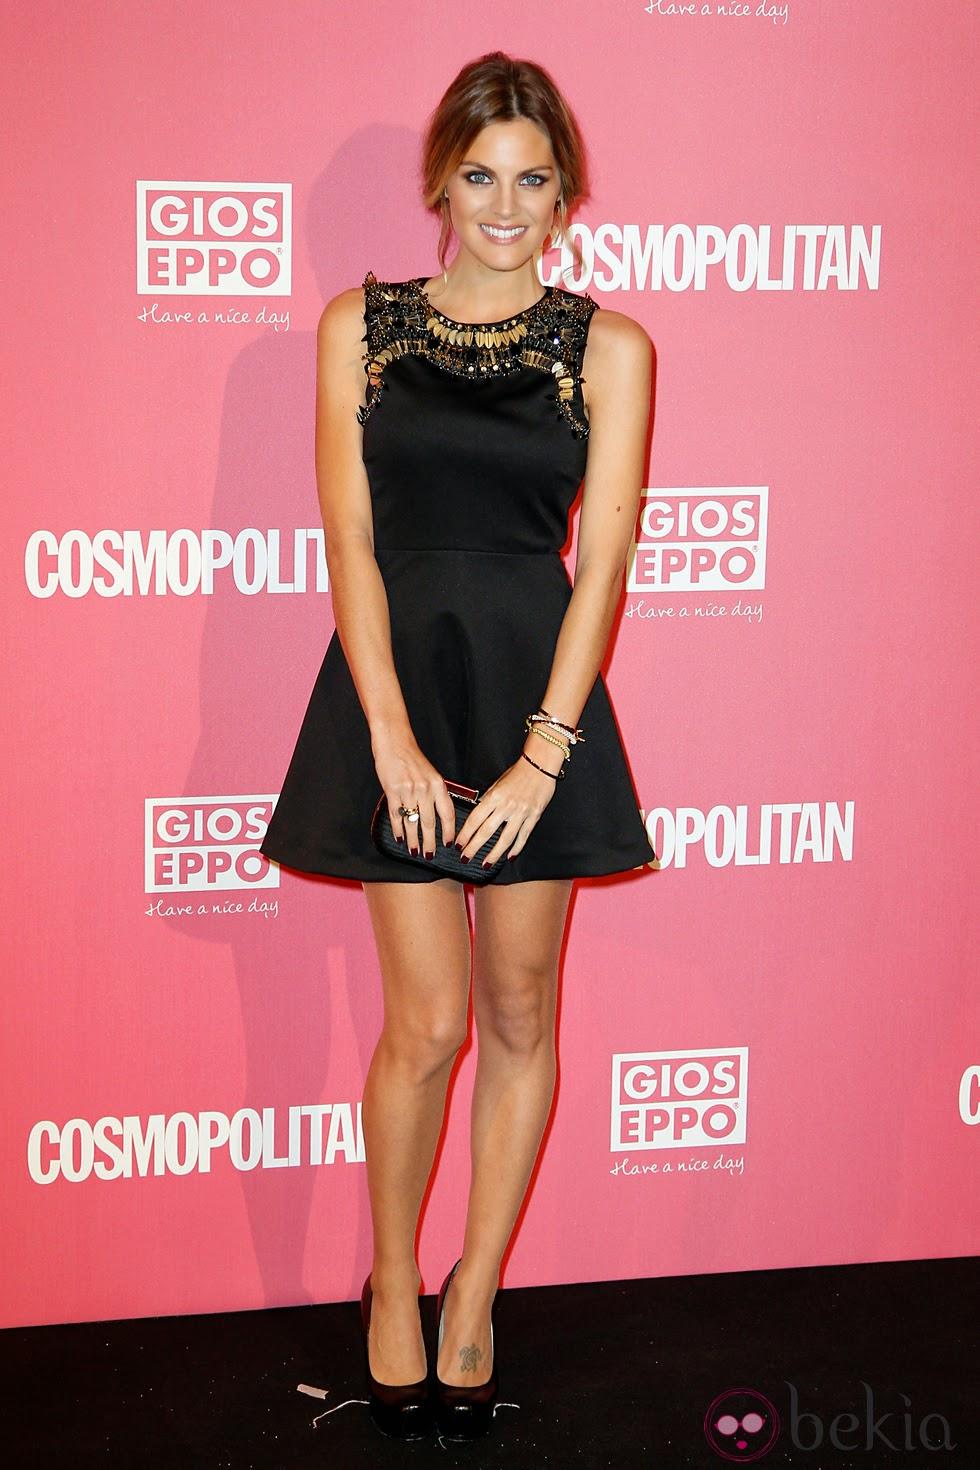 Vestido negro y zapatos rosa palo – Vestidos de moda de esta temporada